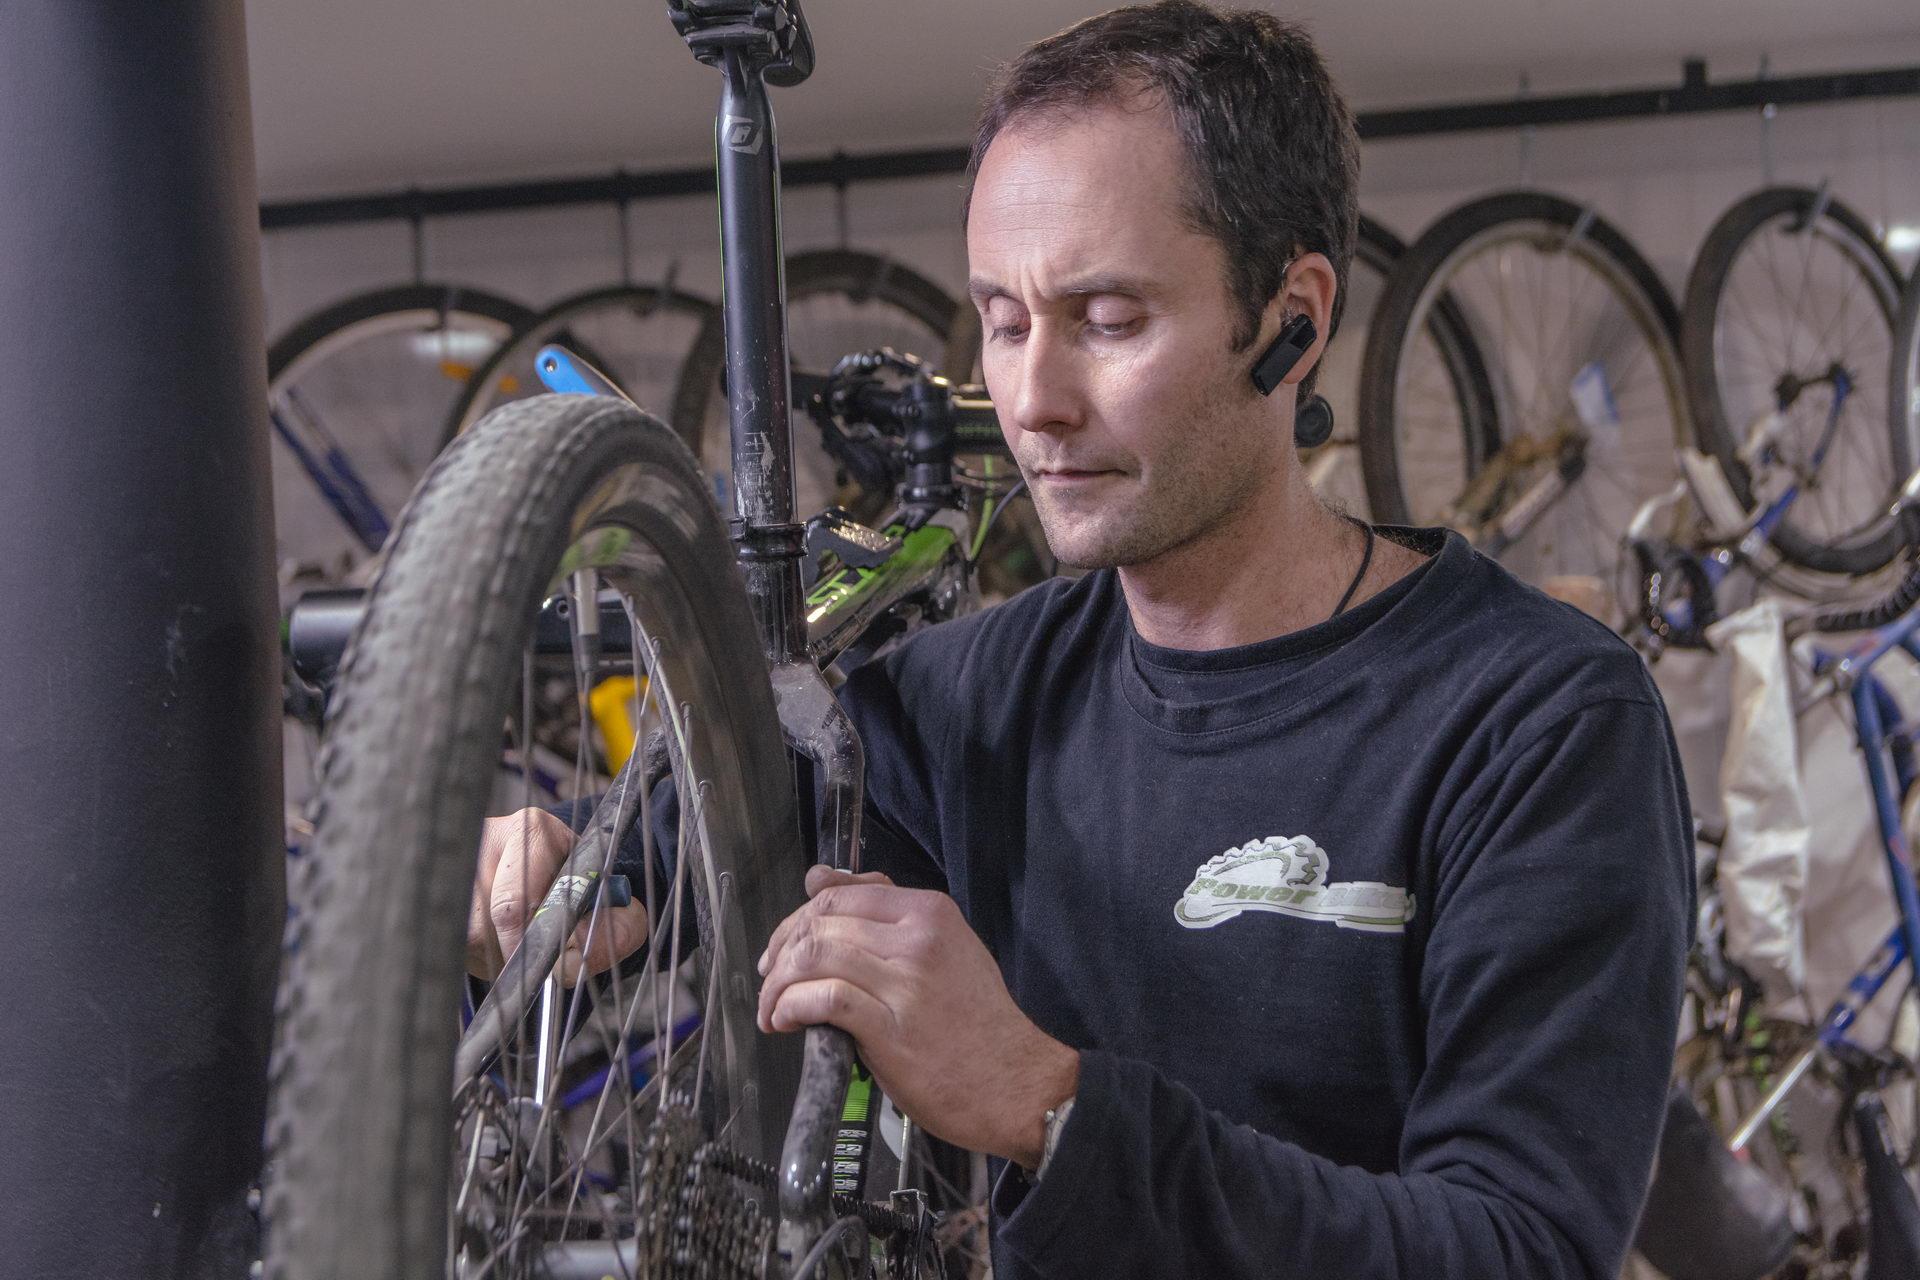 Servis bicikala i biciklisticke opreme